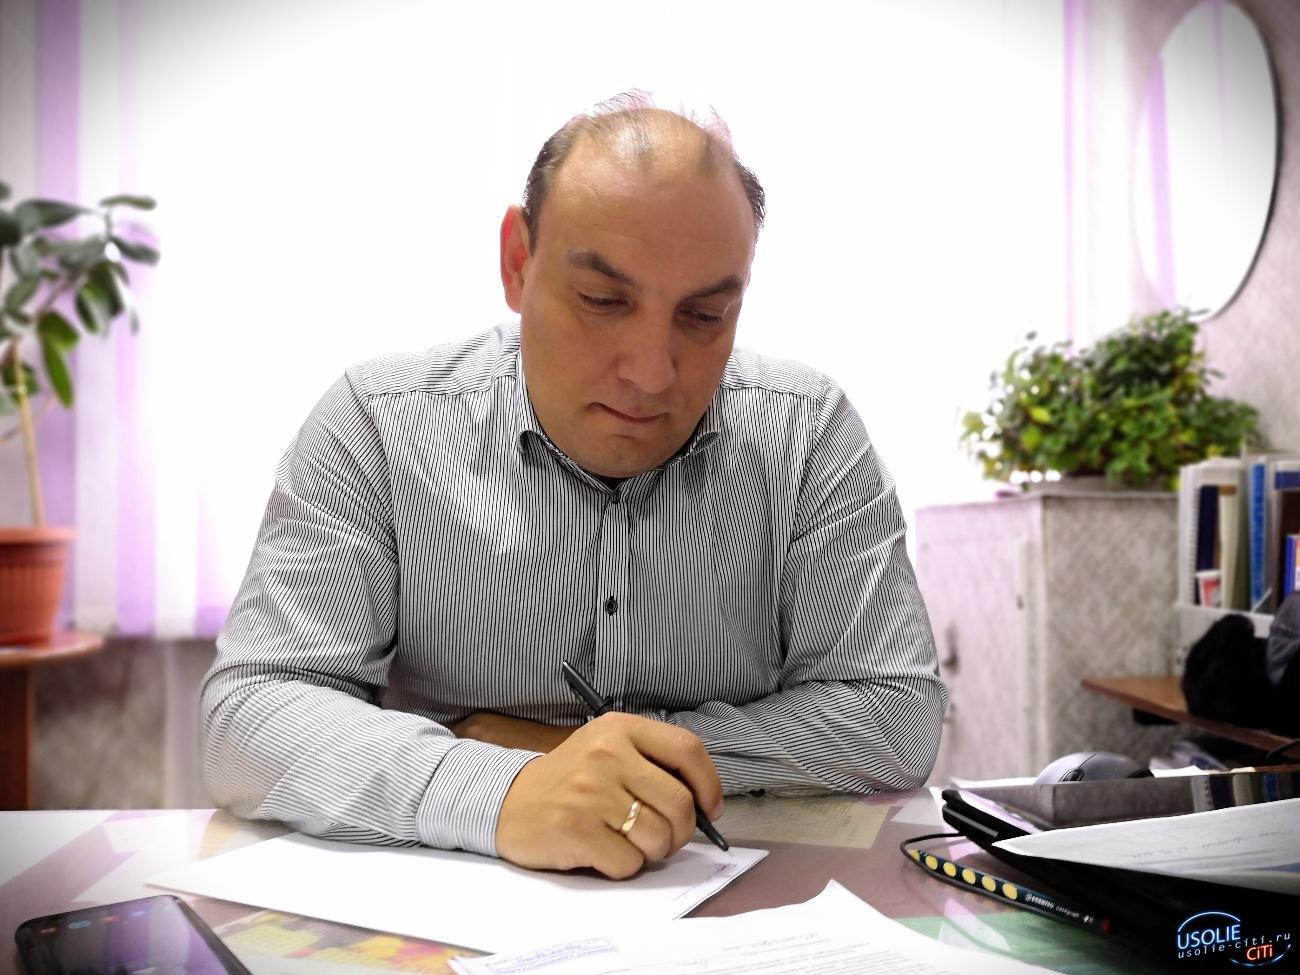 Мэр Усолья: Псевдо-журналисты нагнетают ситуацию в нашем городе